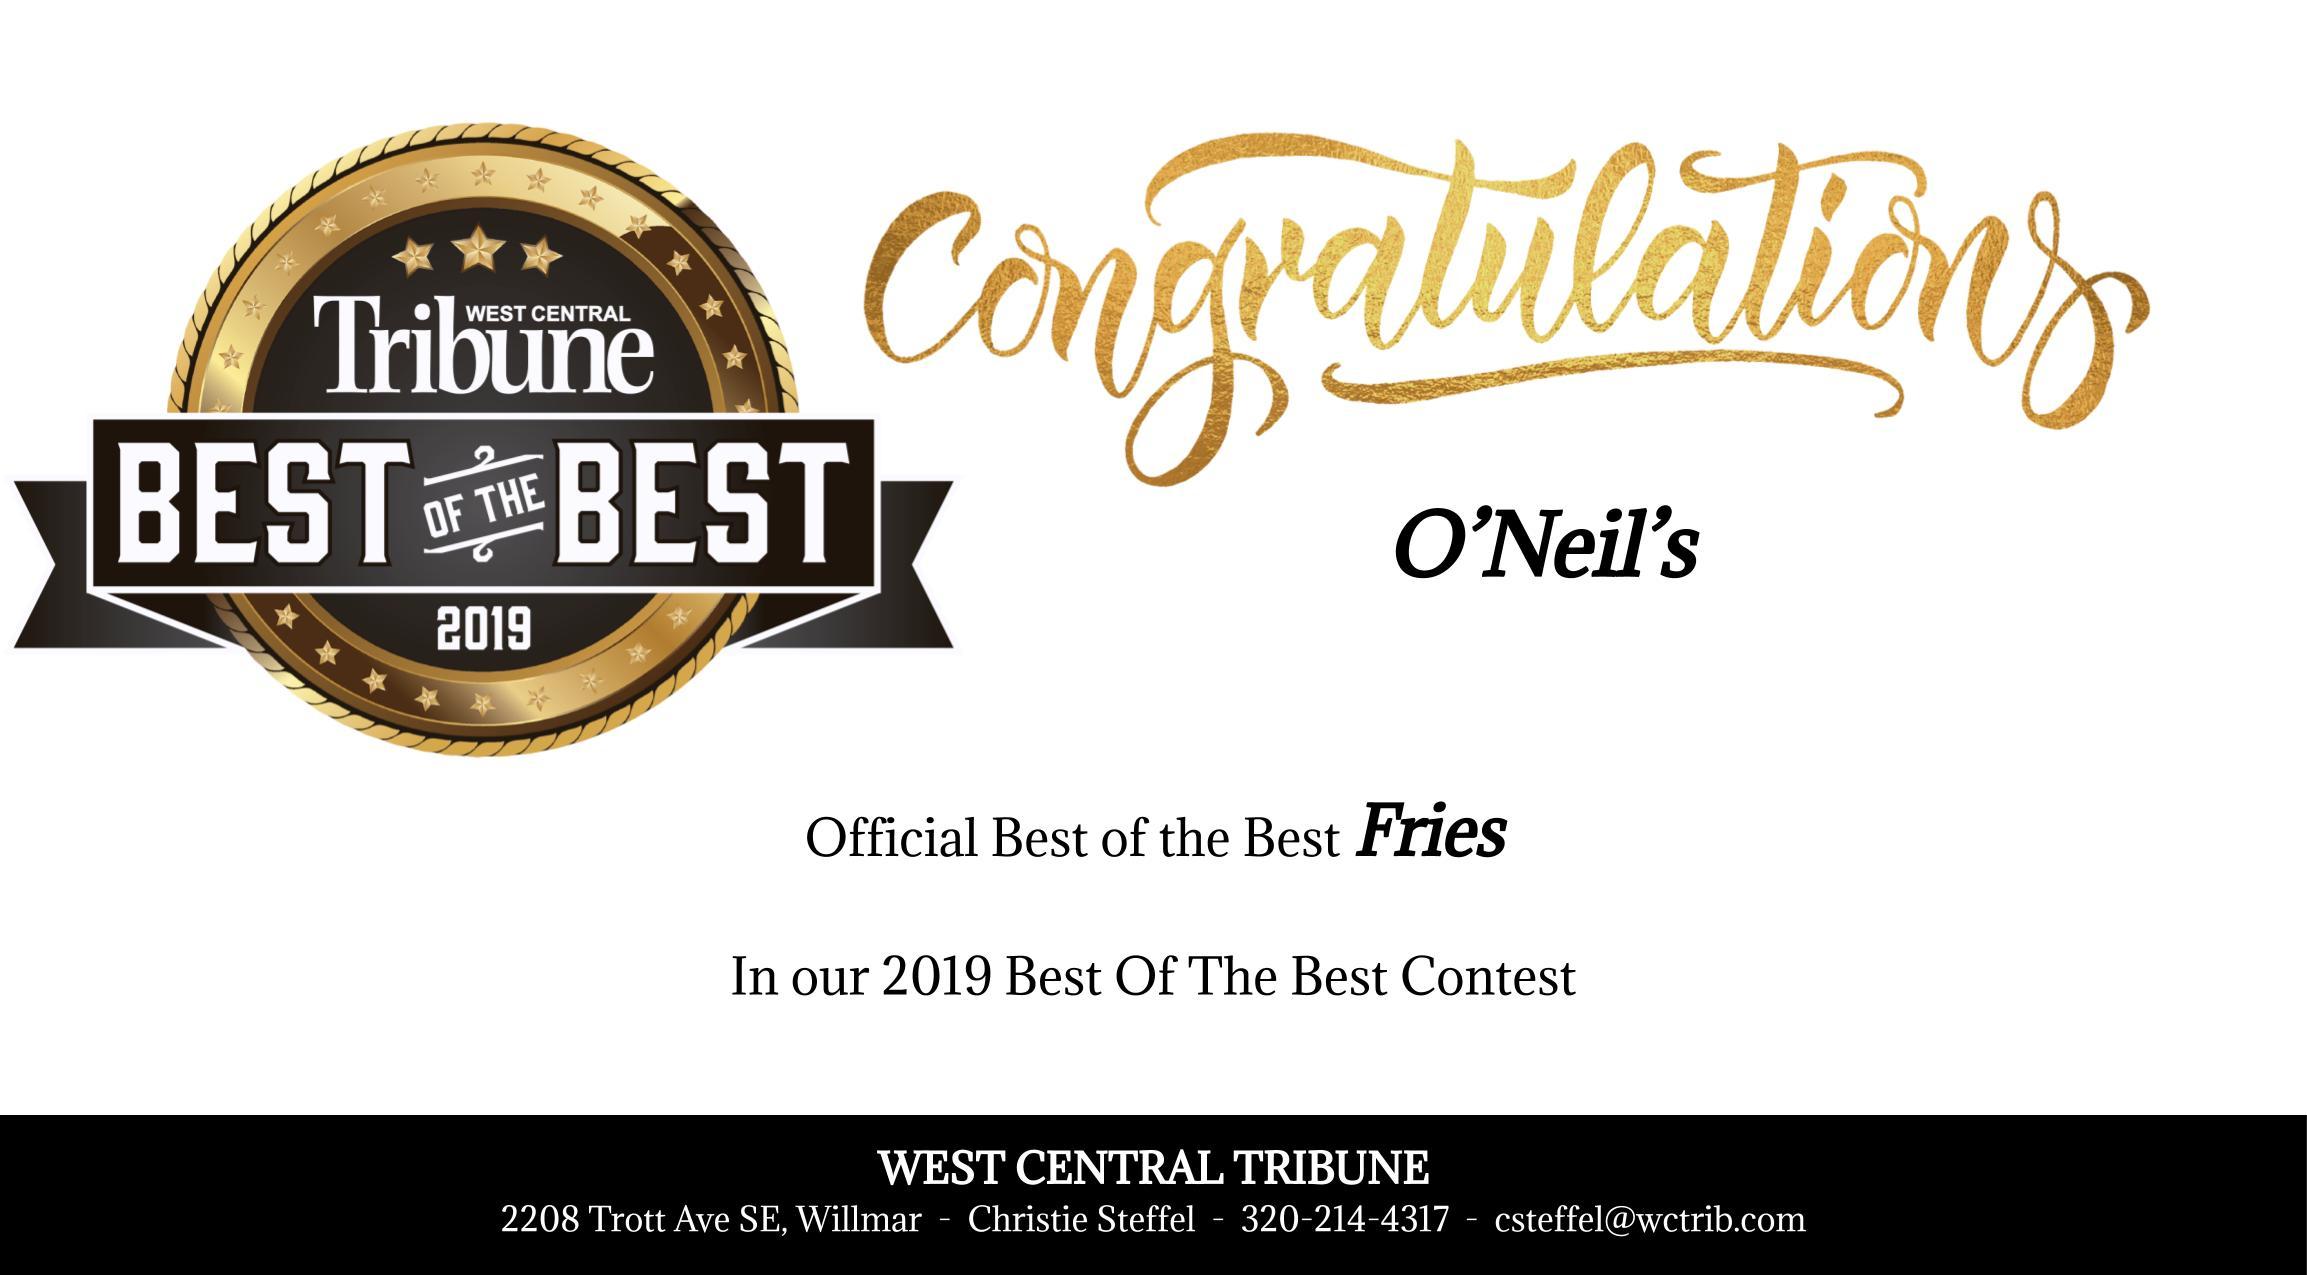 O'Neil's - Fries.jpg